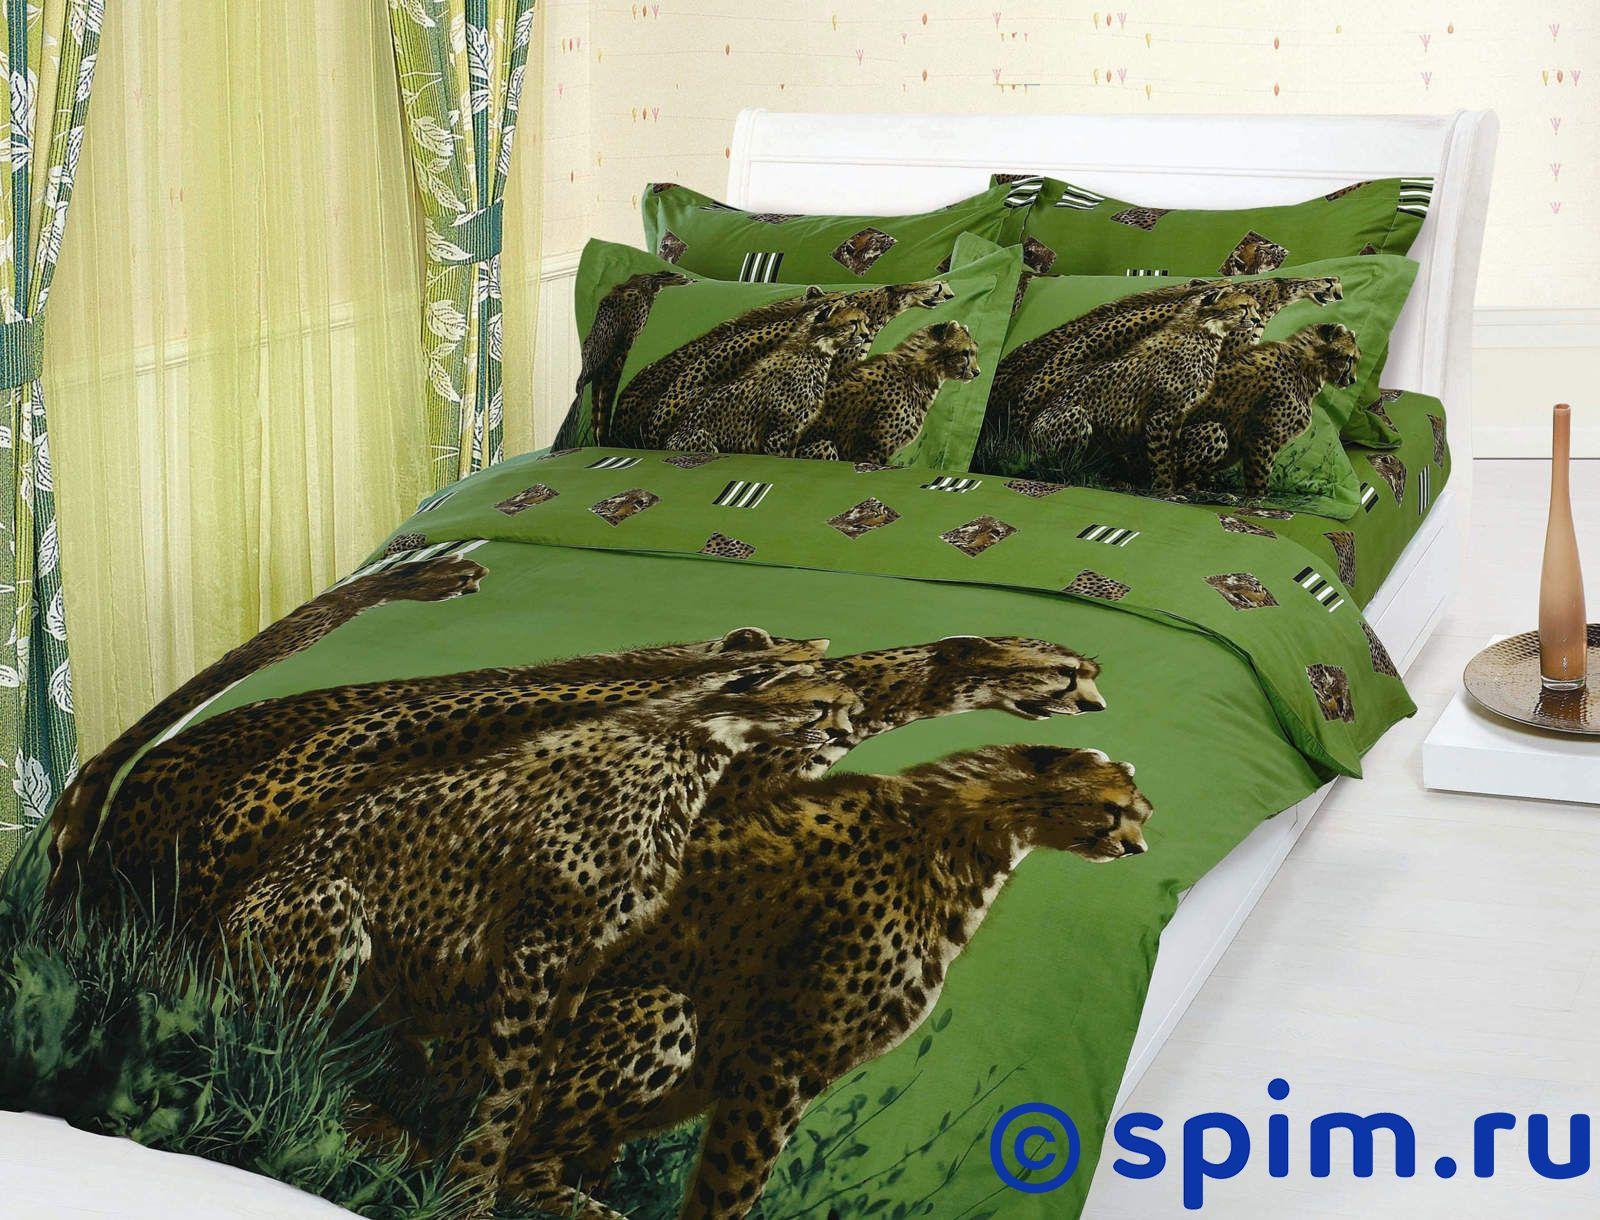 Комплект СайлиД G26 2 спальное